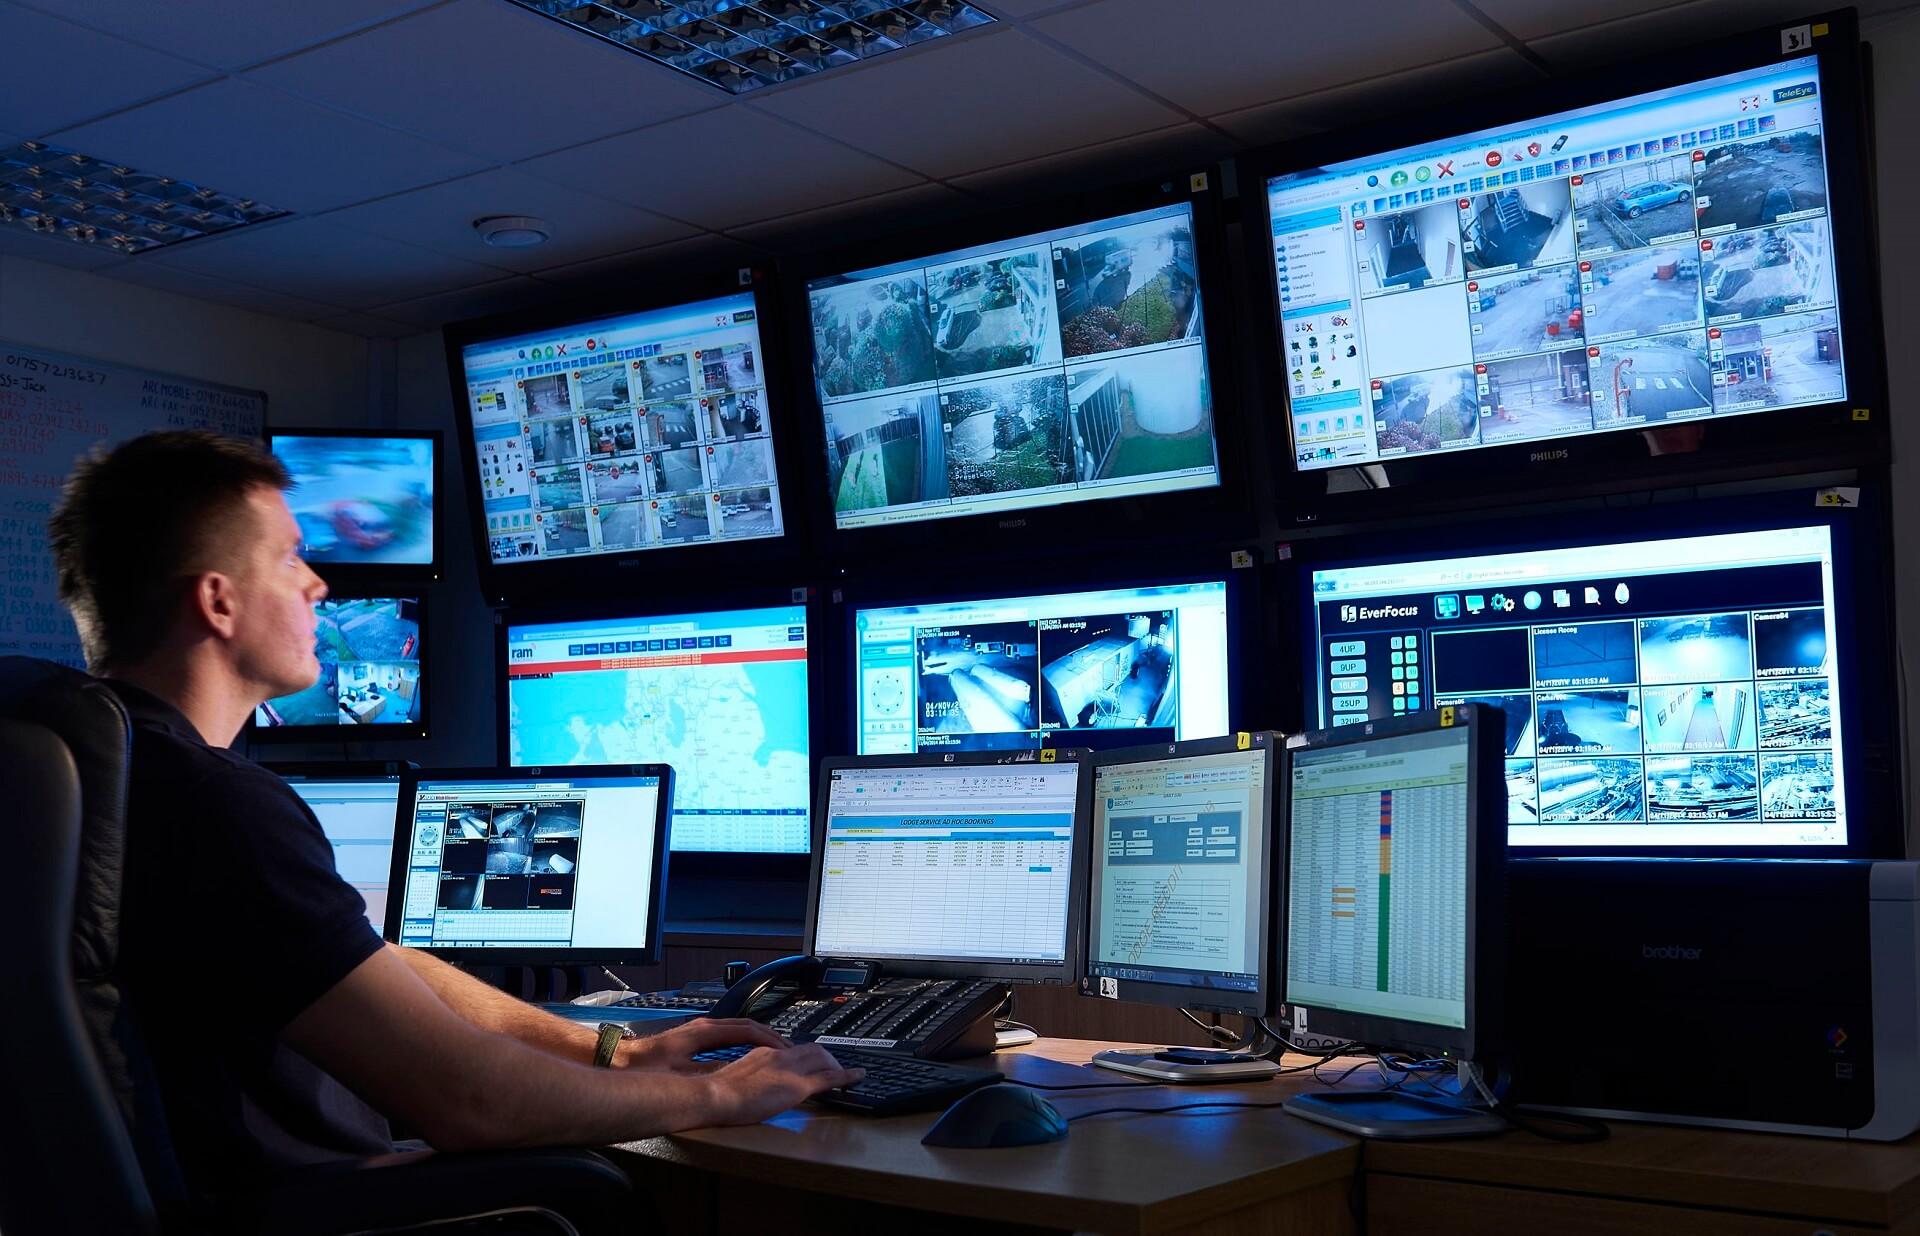 Agencja ochrony wiking monitoring tv przemysłowej